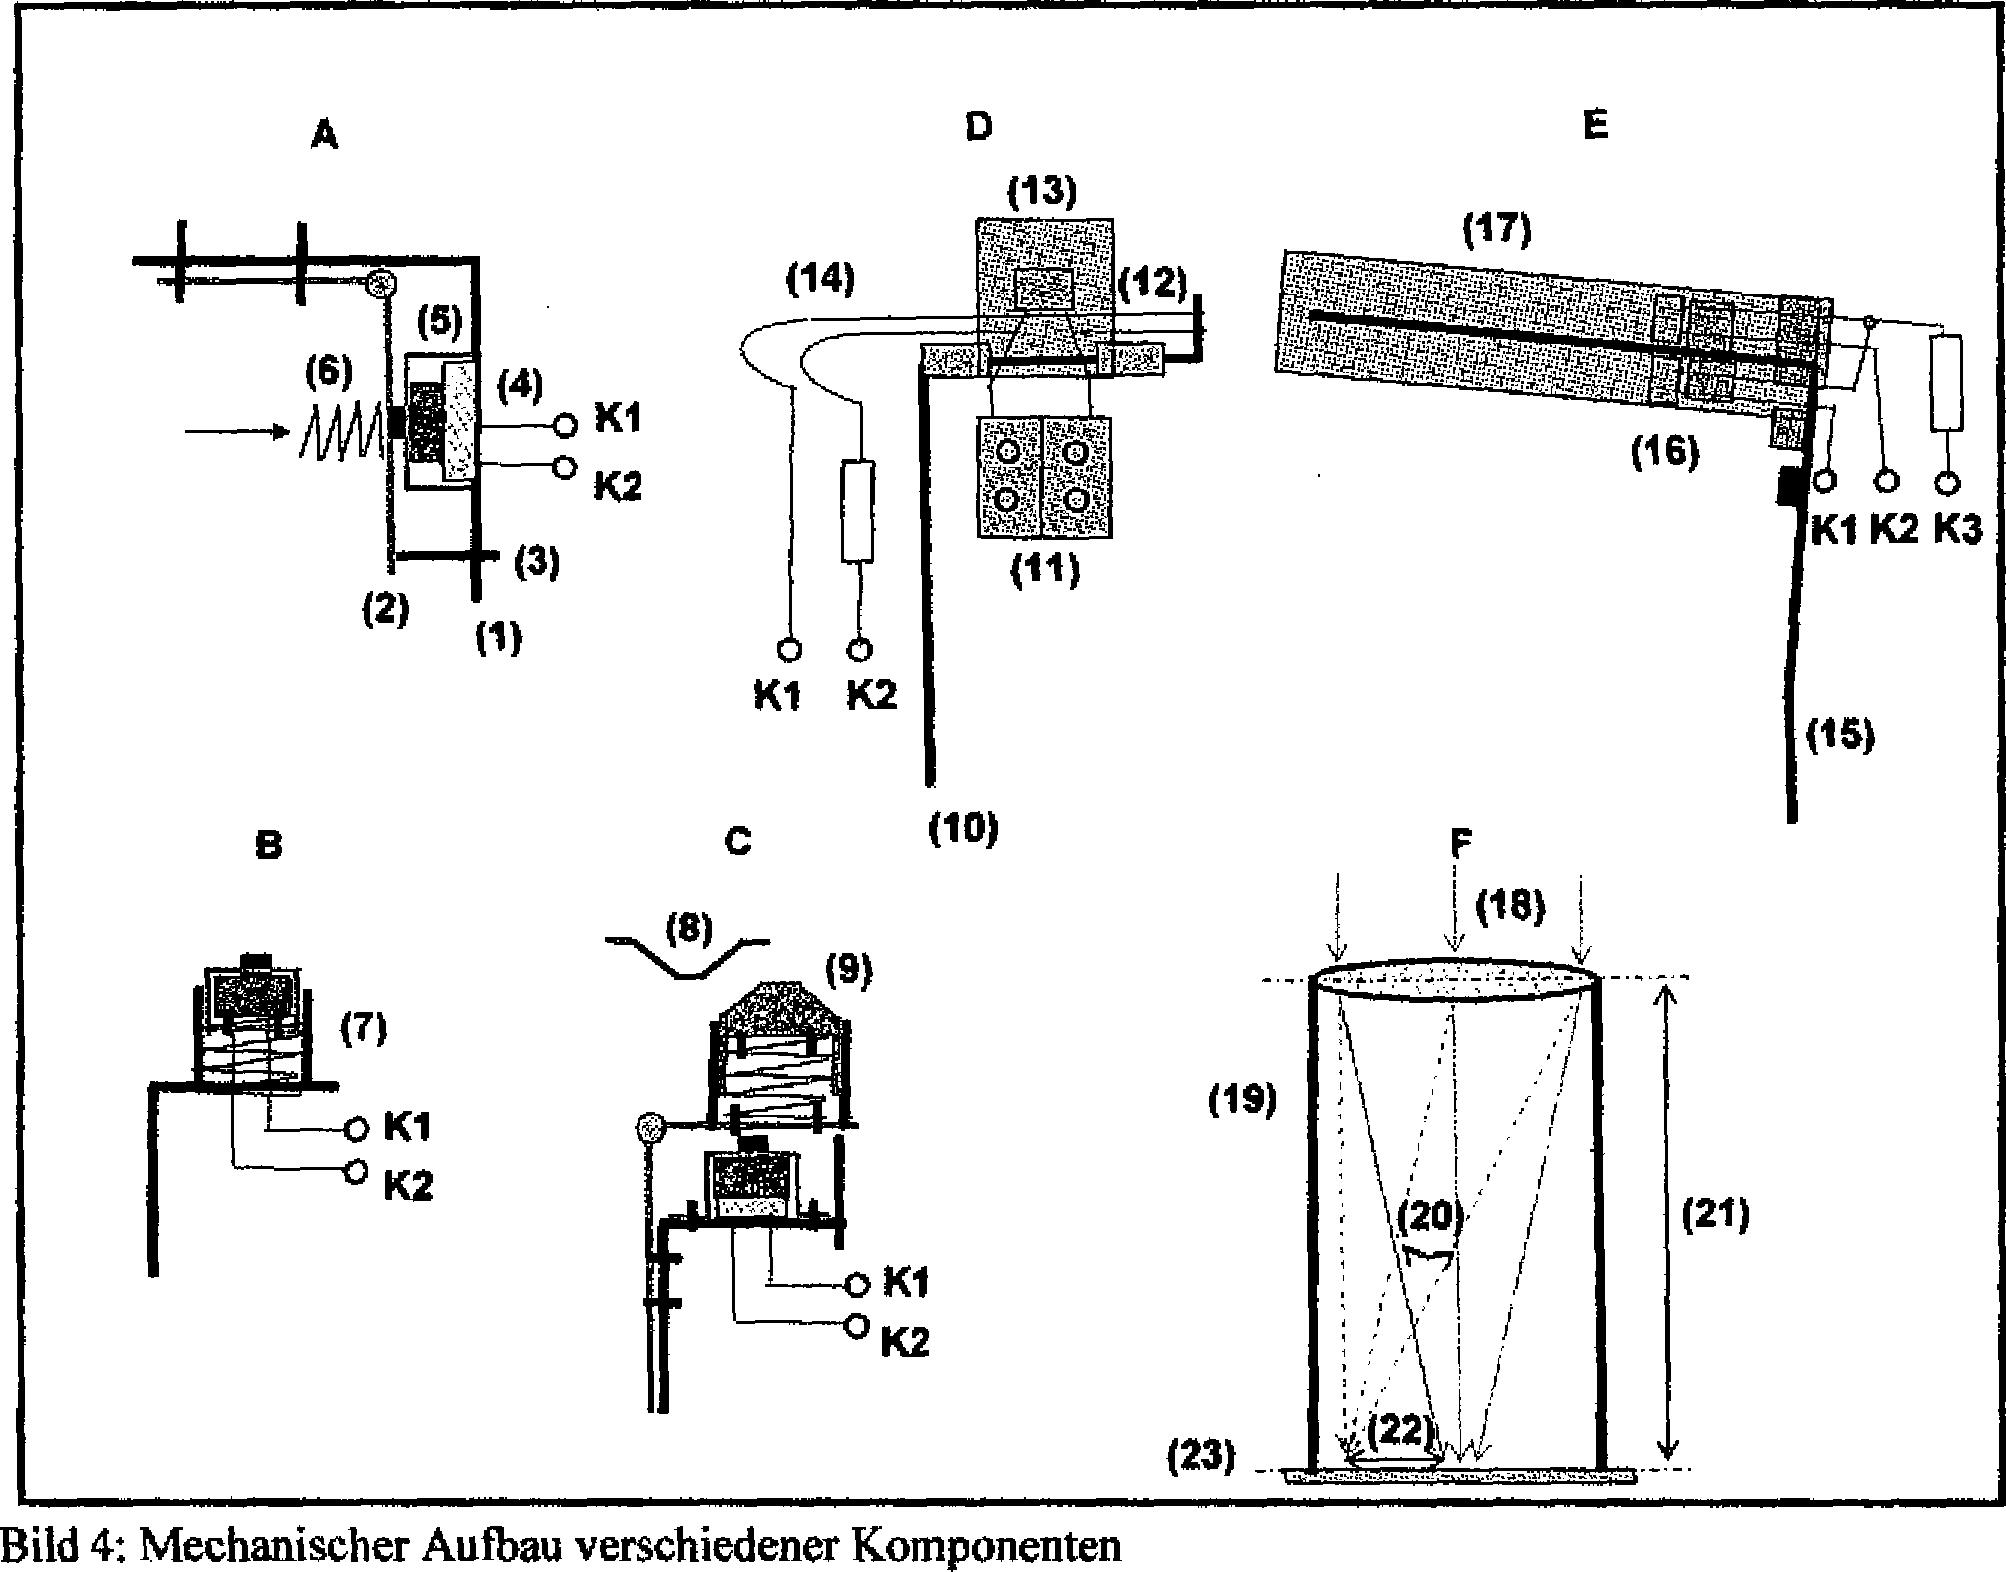 patent de202011104051u1